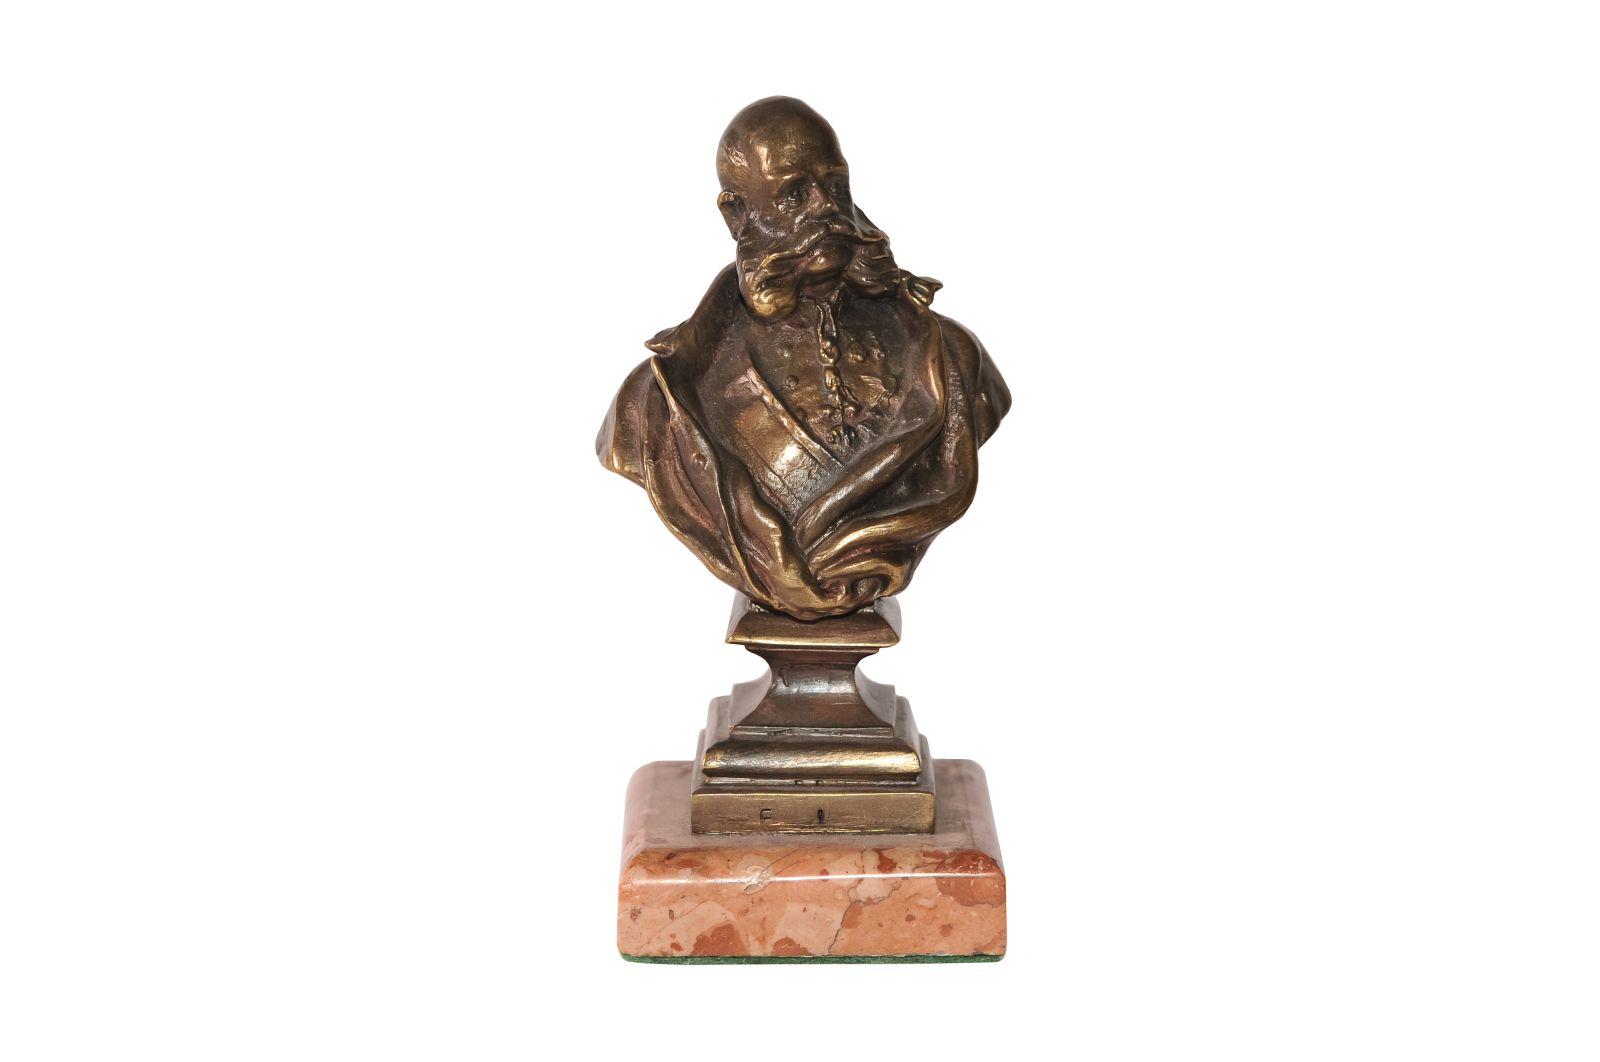 #131 Buste of Emperor Franz Joseph, Vienna around 1910 | Büste Kaiser Franz Joseph um 1910 Image